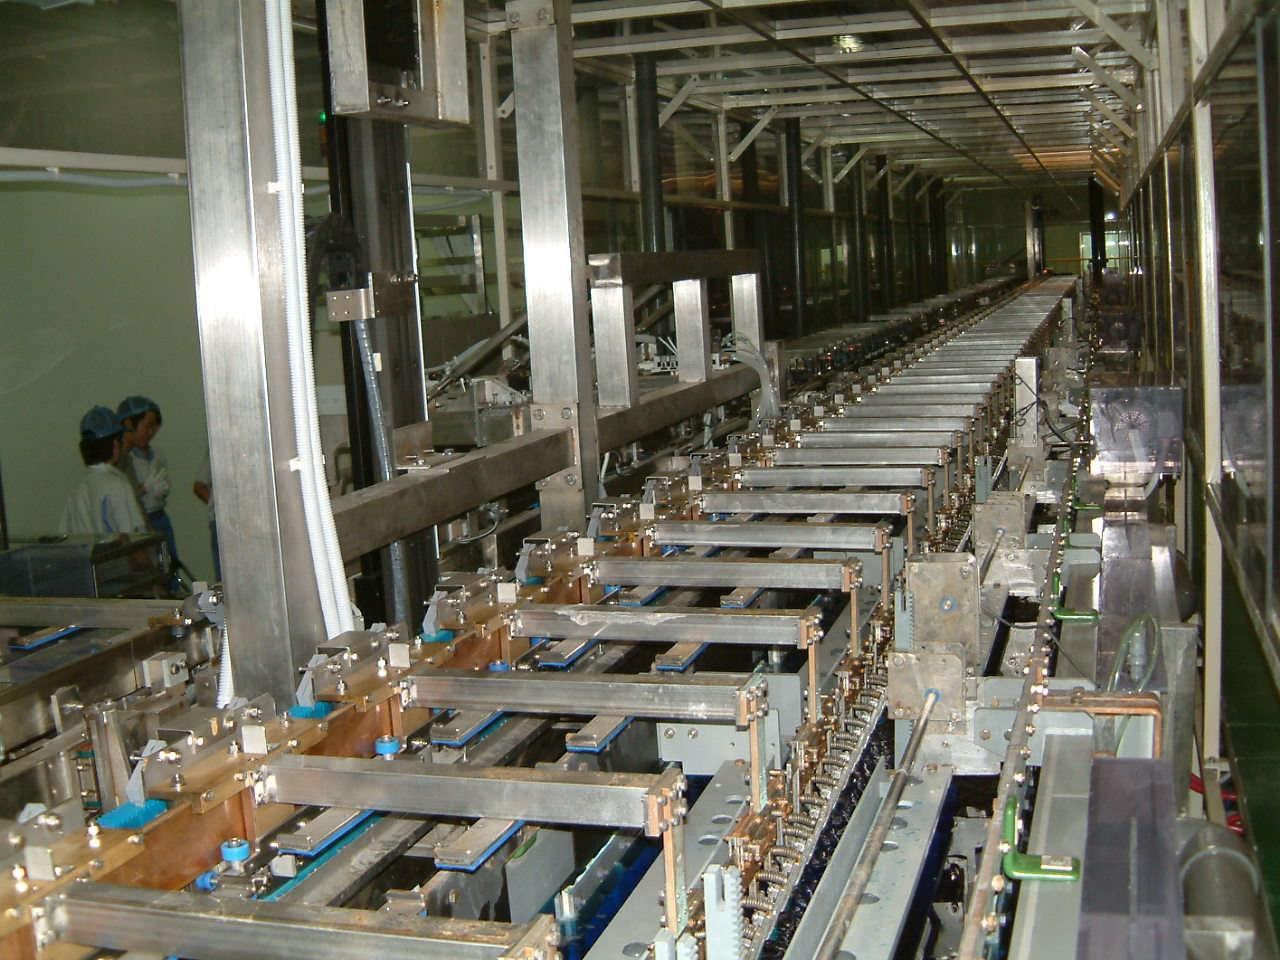 五金电镀设备厂-五金电镀设备厂家-2